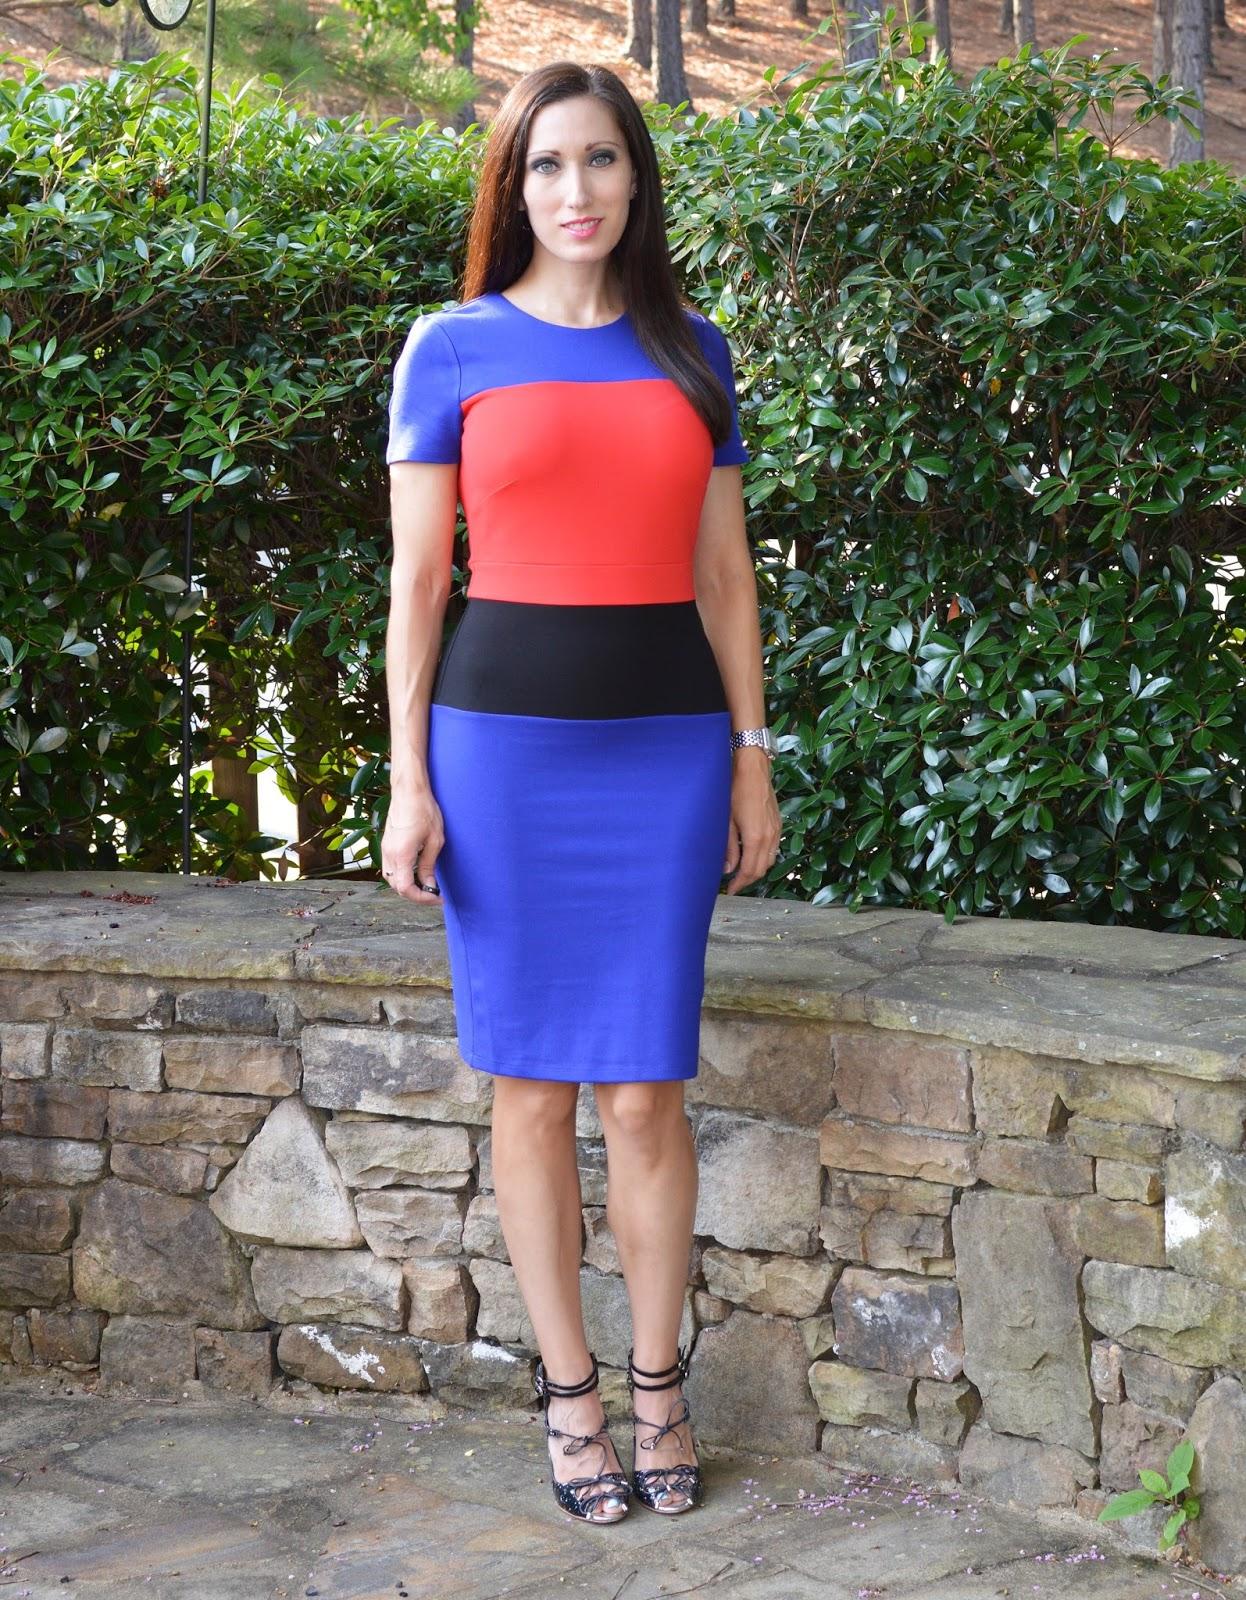 b25b910c55e Everyday Fashionista - Atlanta Blogger  The Dress That Gwyneth Wore